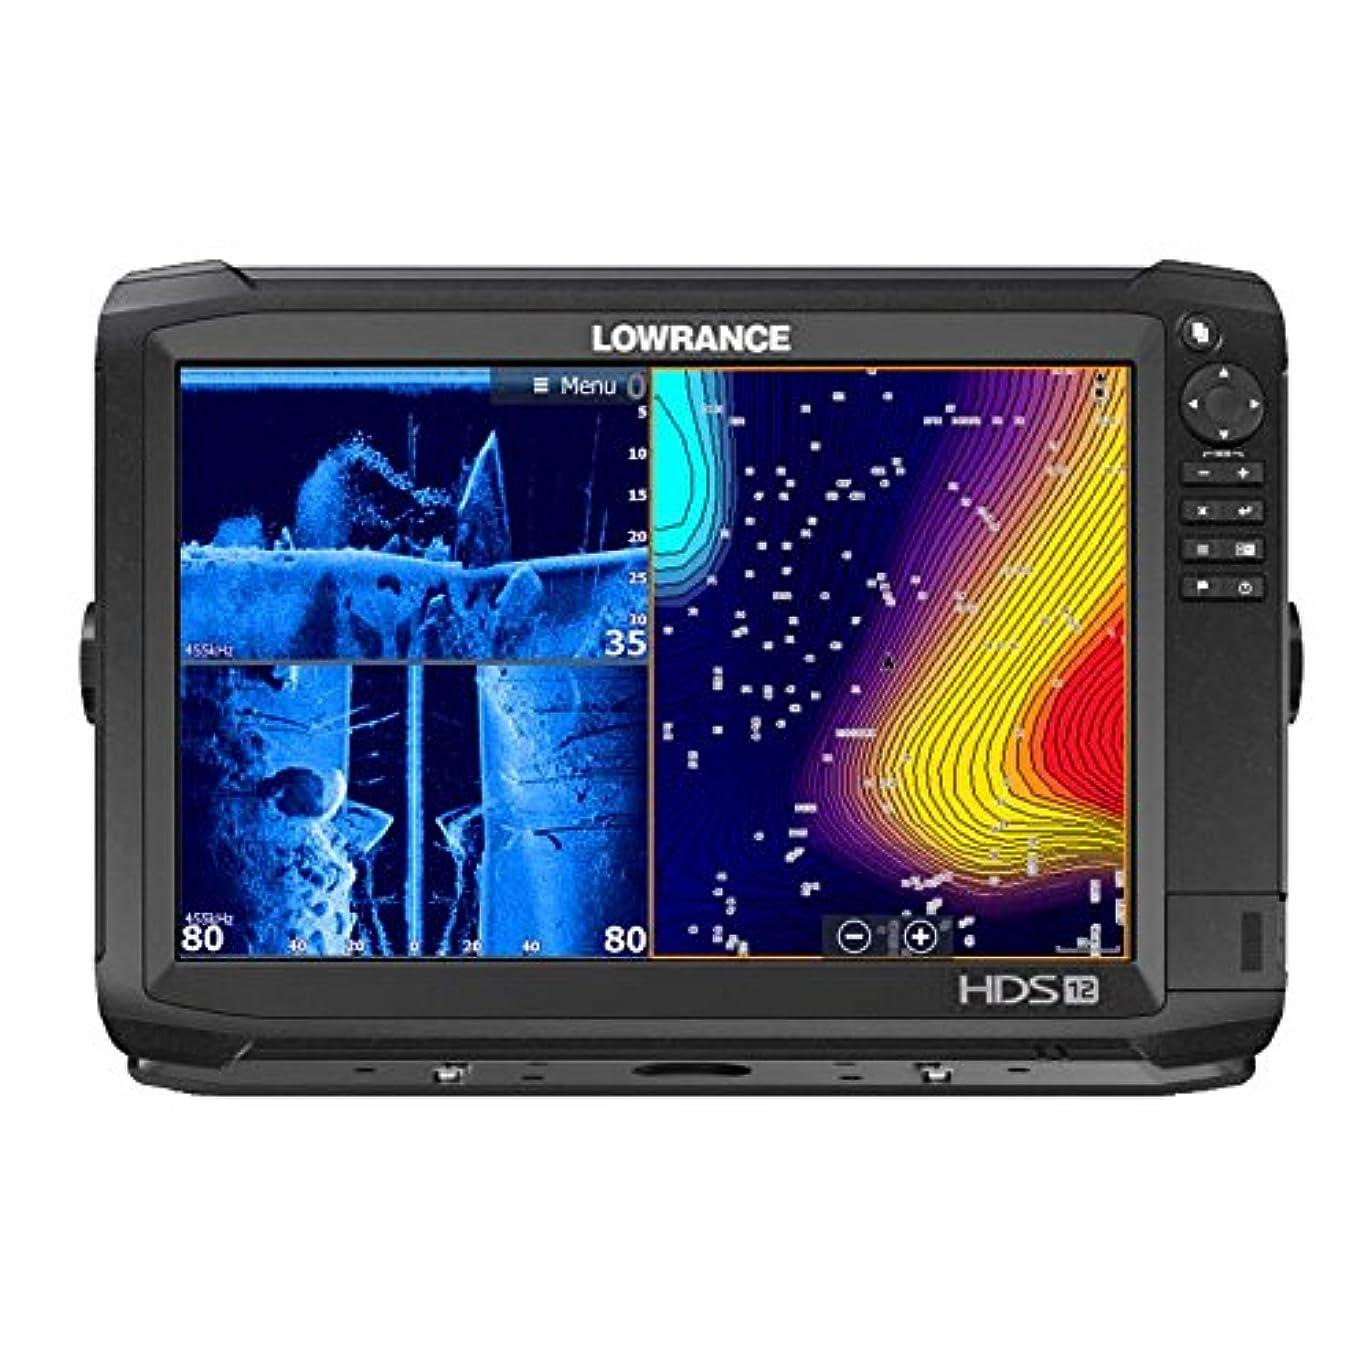 ファウル定義無声で【LOWRANCE/ロランス】HDS-12 CARBON デュアルチャープGPS魚探 全国湖沼図AT5マップ付き 魚群探知機